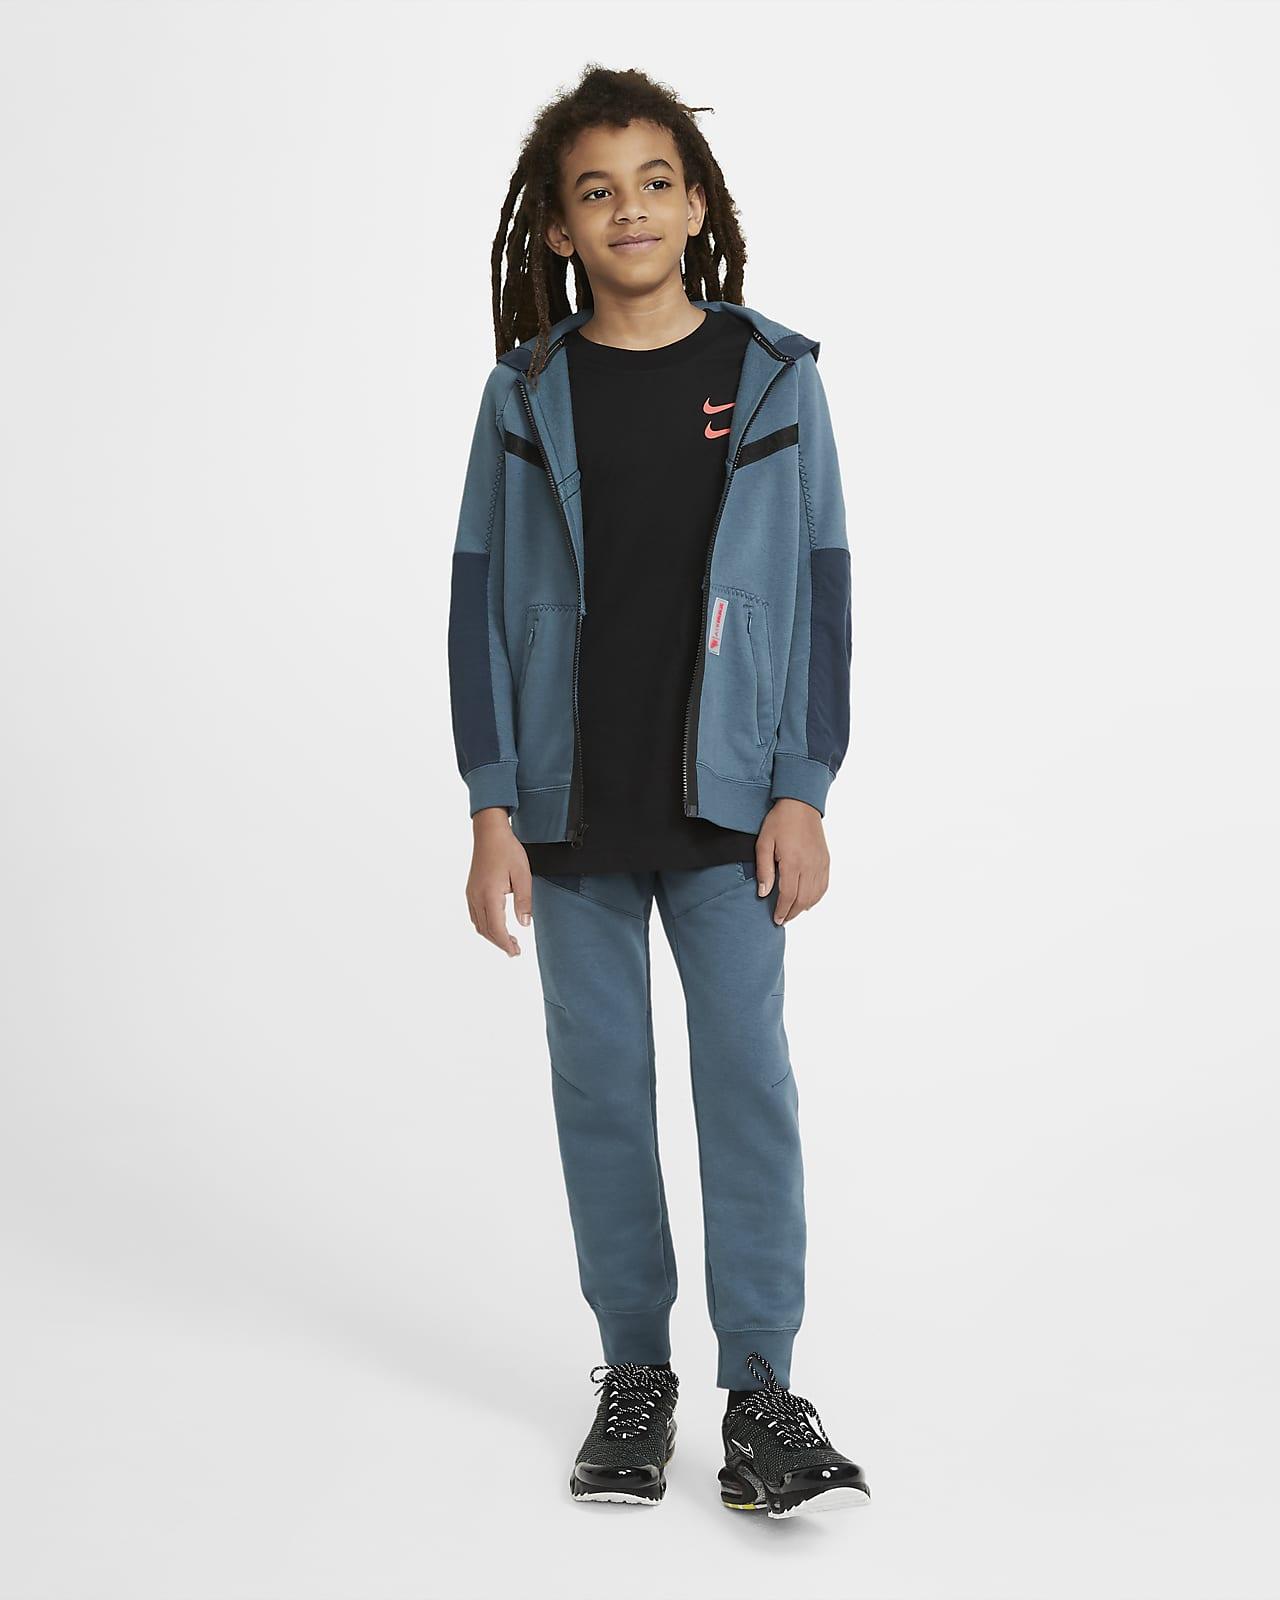 Nike Sportswear Air Max Fleece Hoodie mit durchgehendem Reißverschluss für ältere Kinder (Jungen)